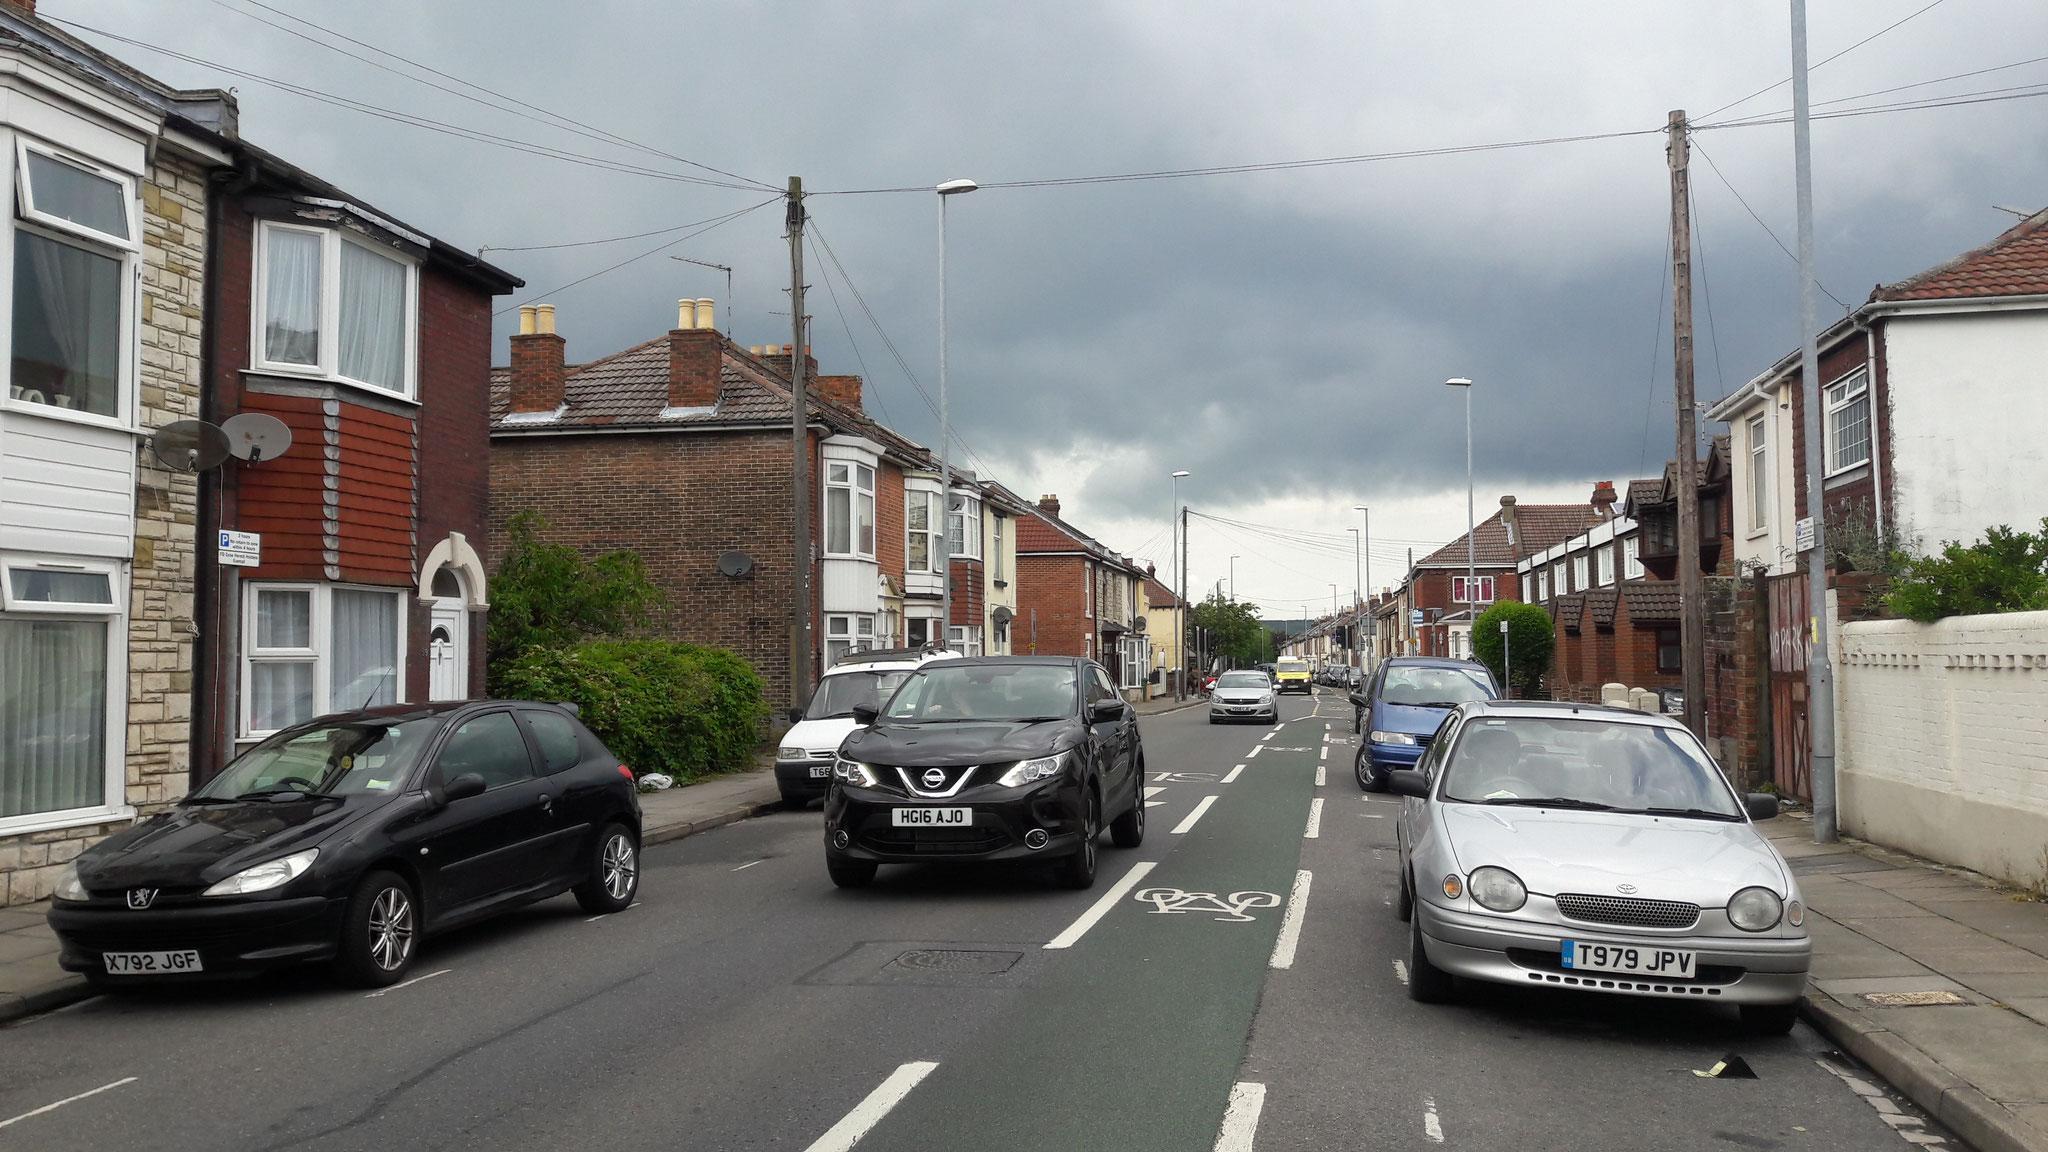 Nebenstraße in Portsmouth